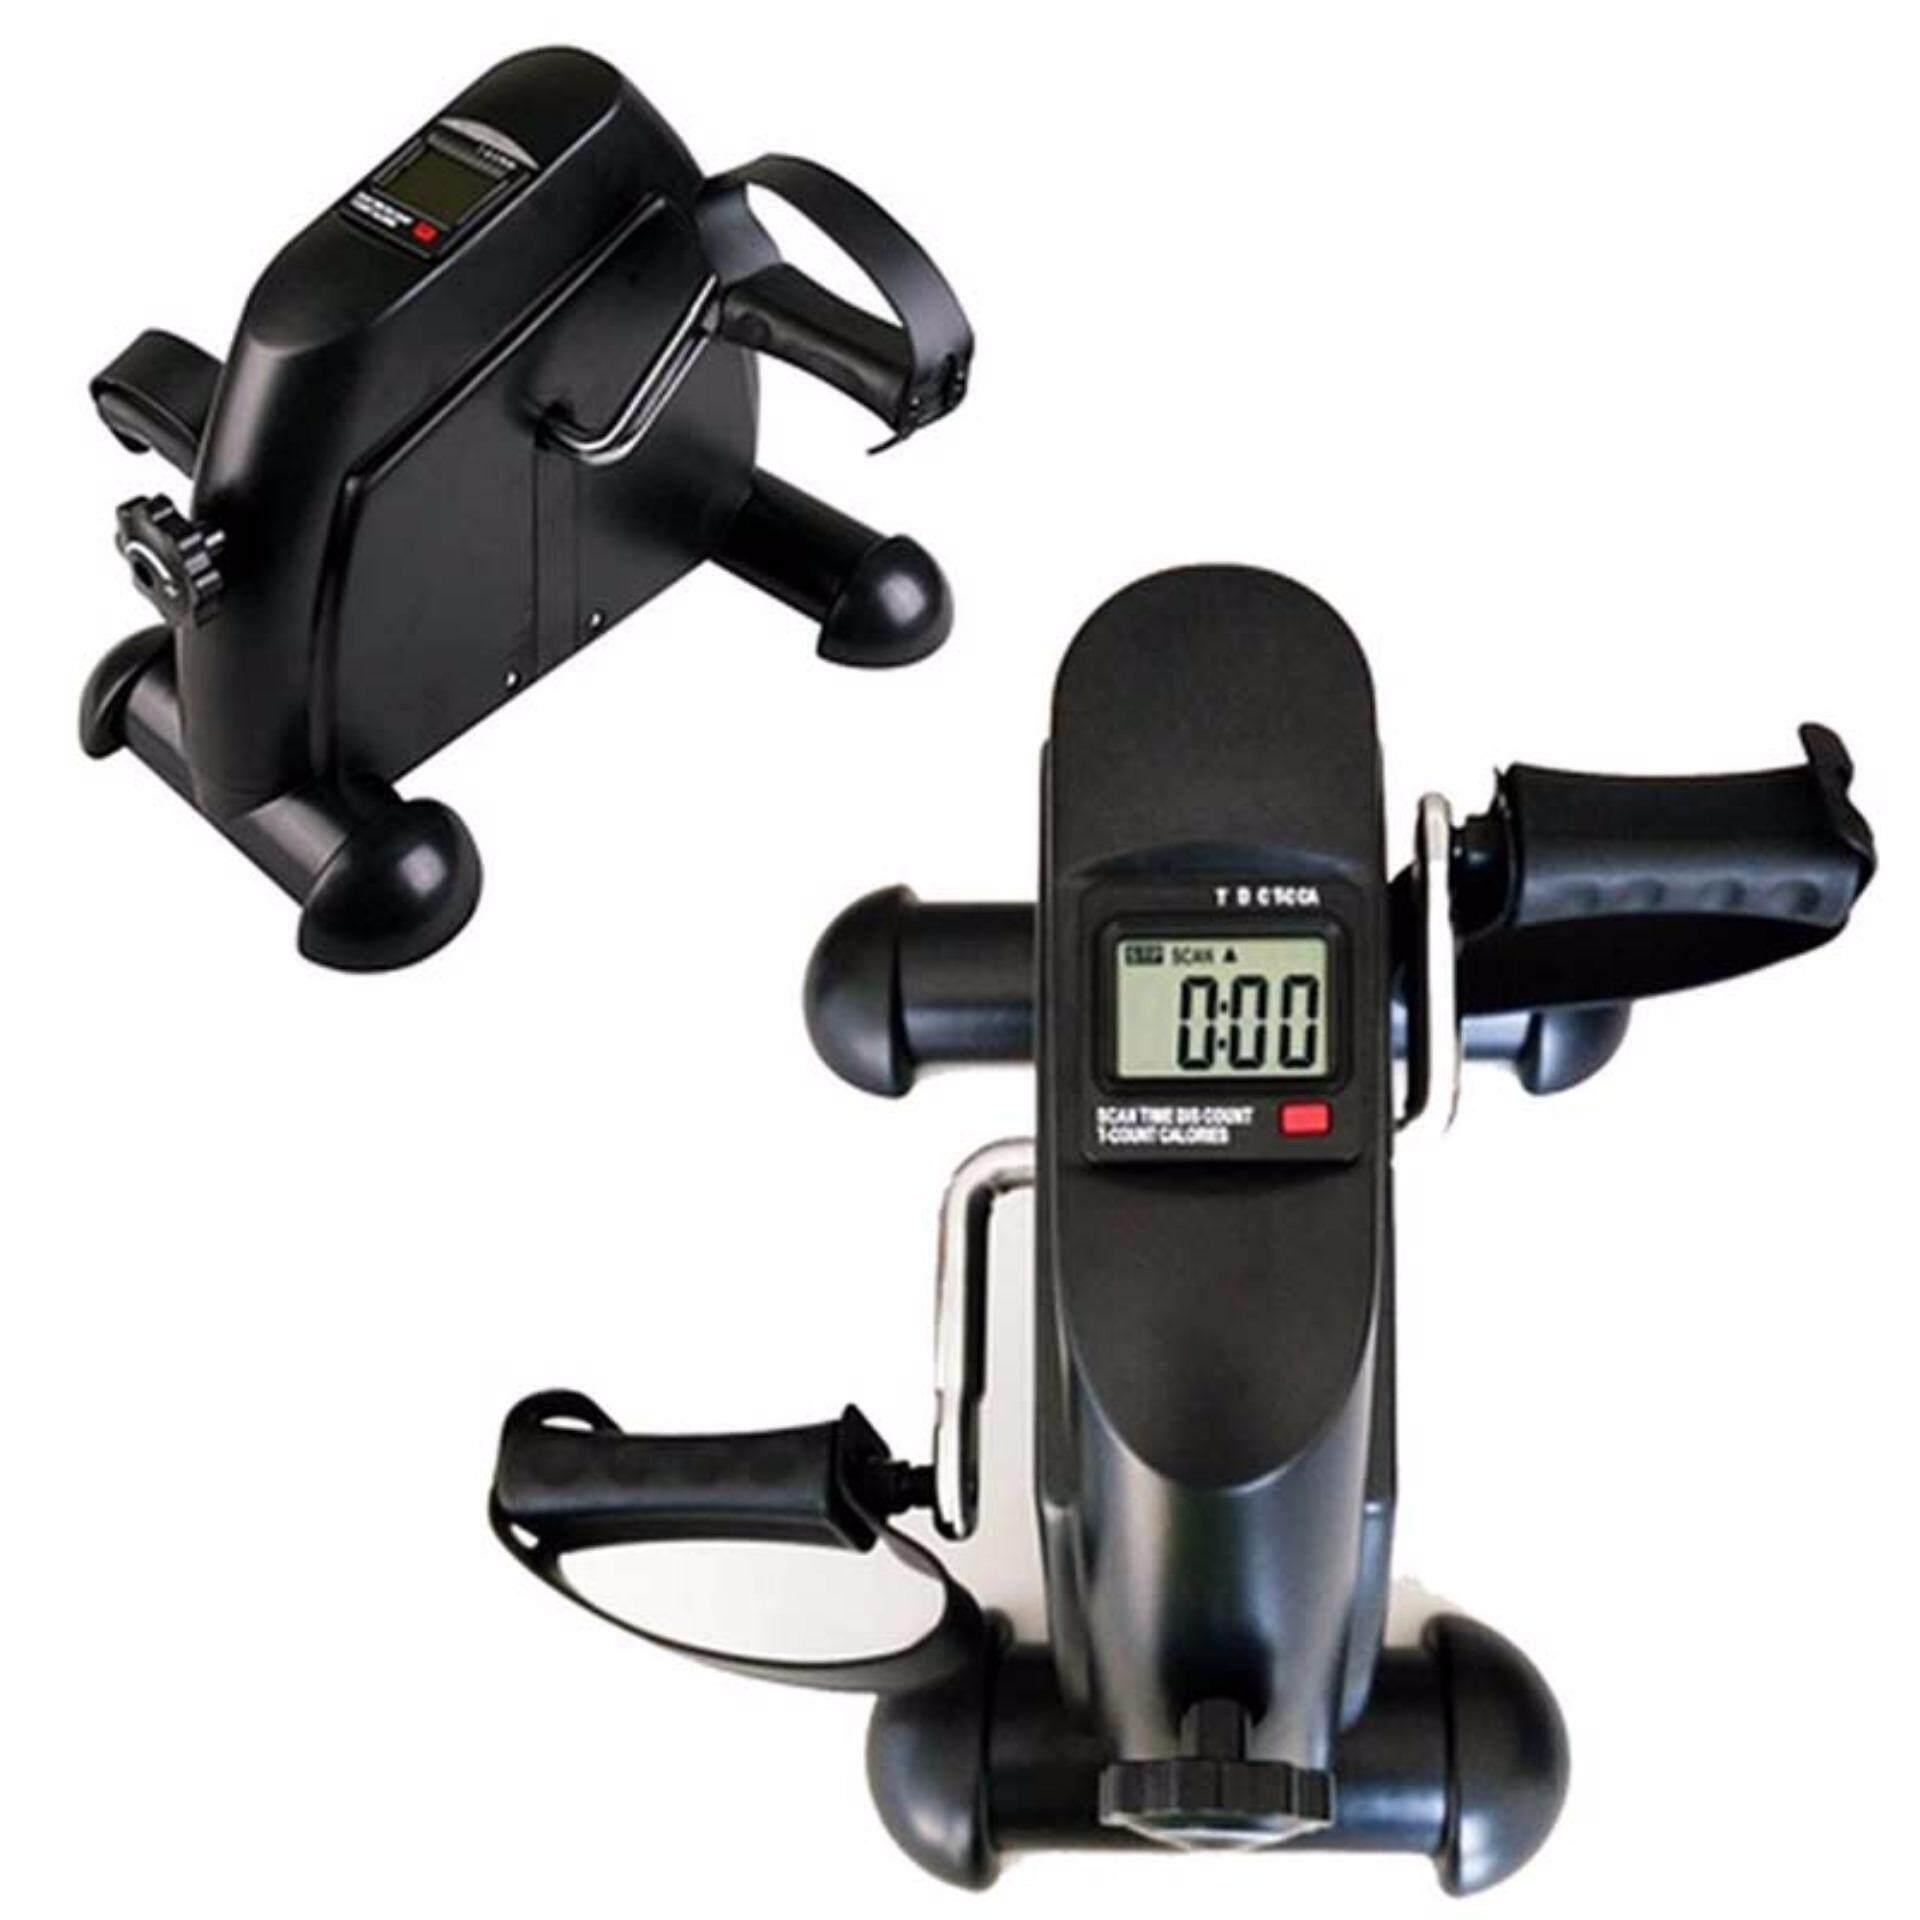 จักรยานออกกำลังกาย  Spint รุ่น spint_000886 ลดฉลองยอดขายอันดับ5 -75%